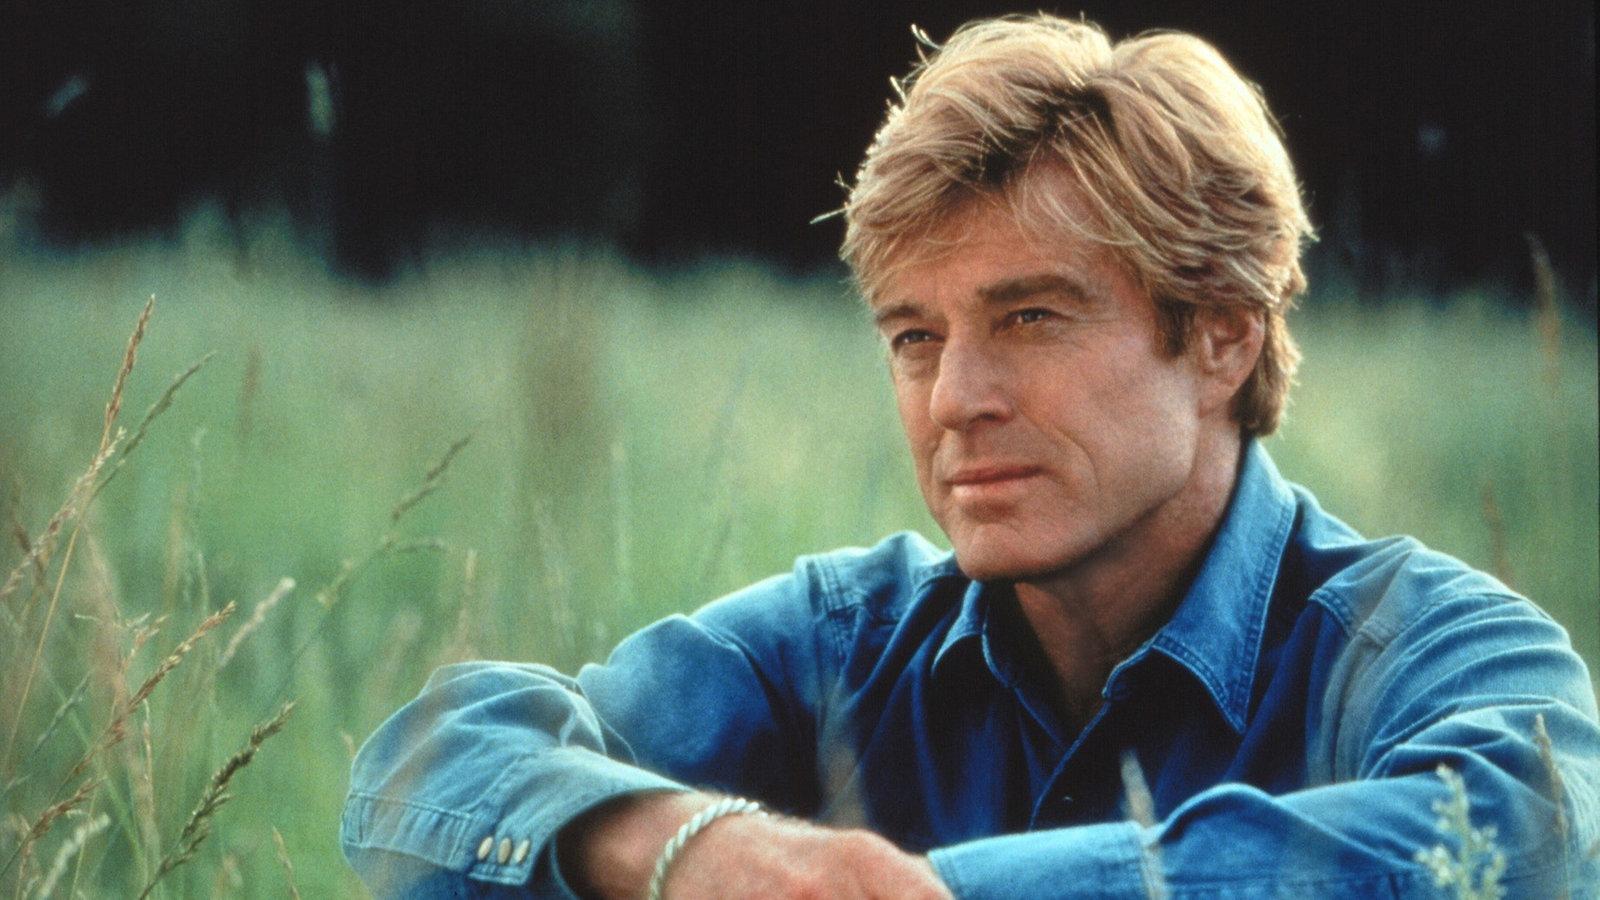 Männlich schauspieler blond blaue augen Hübsche Schauspieler